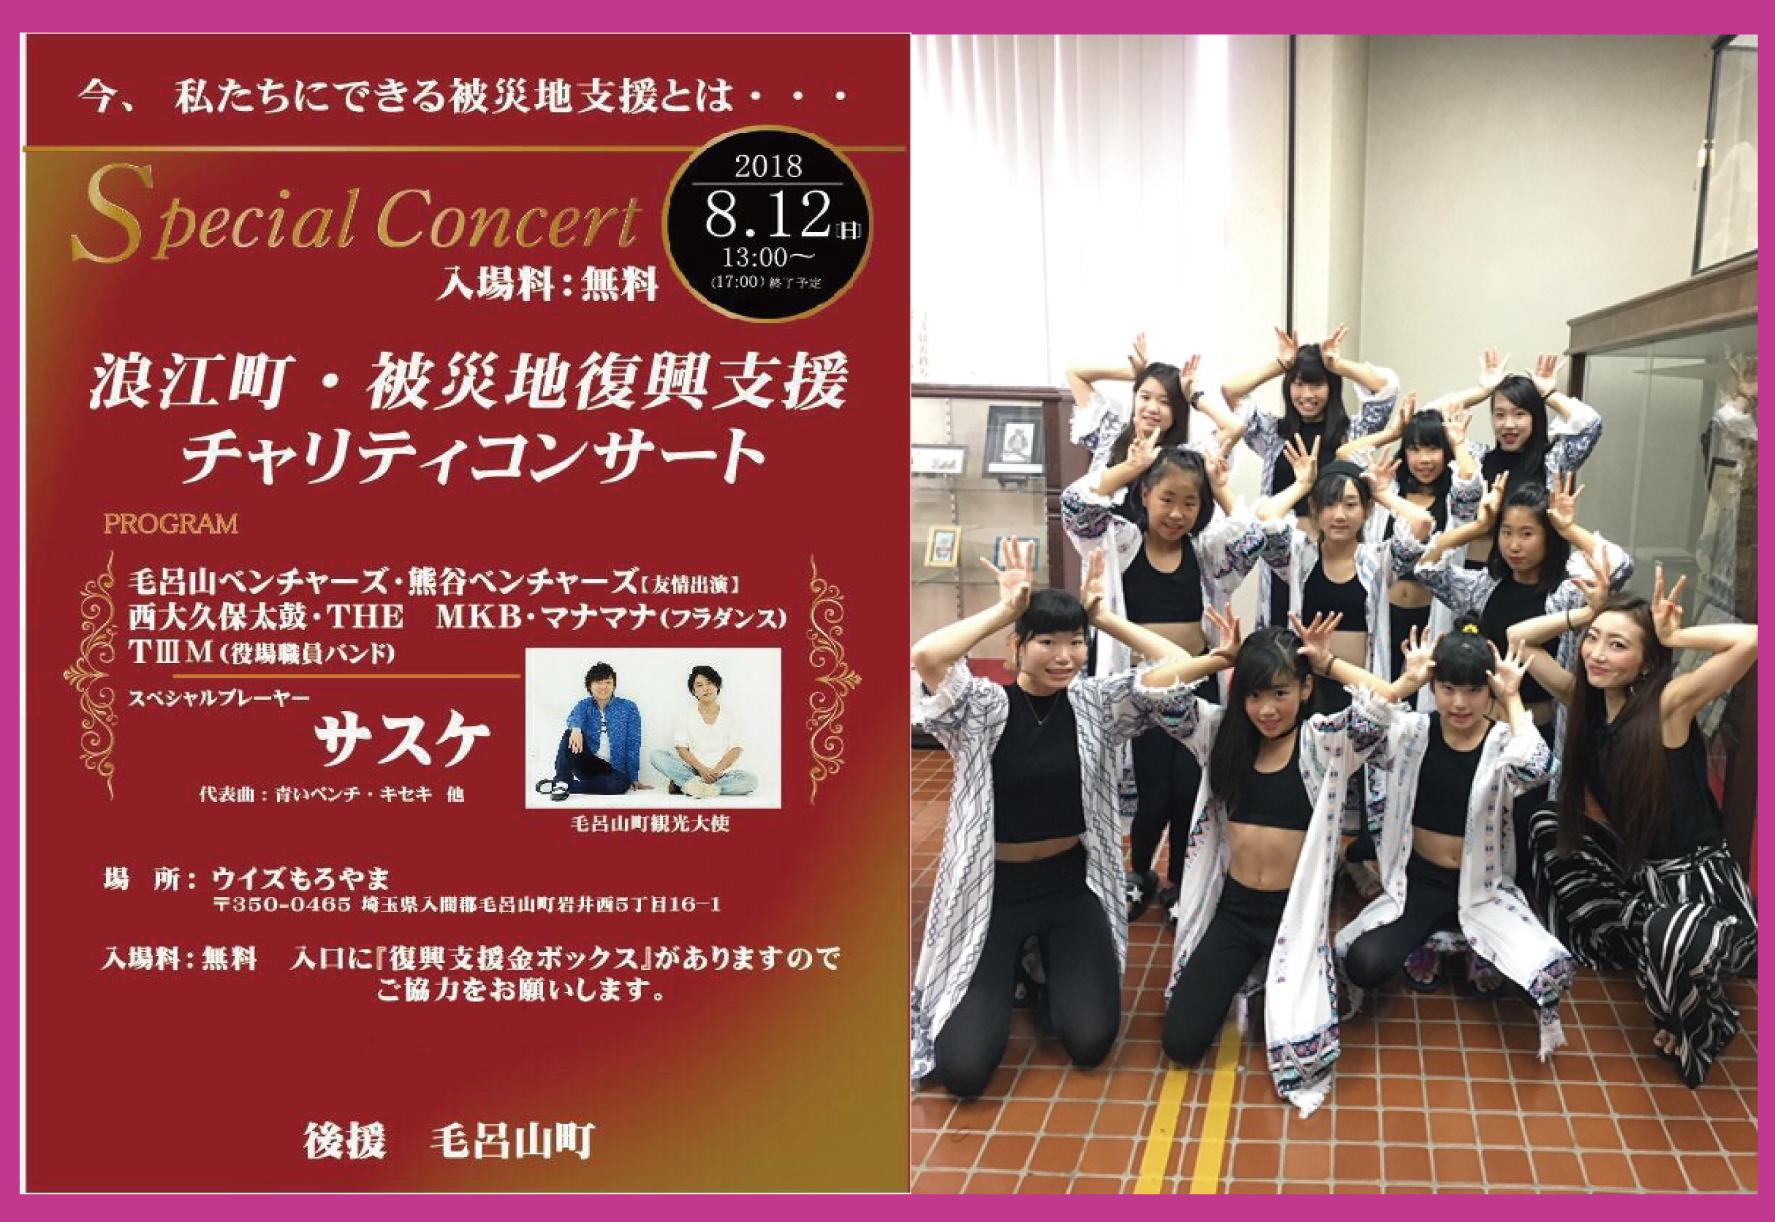 サスケコンサート.png